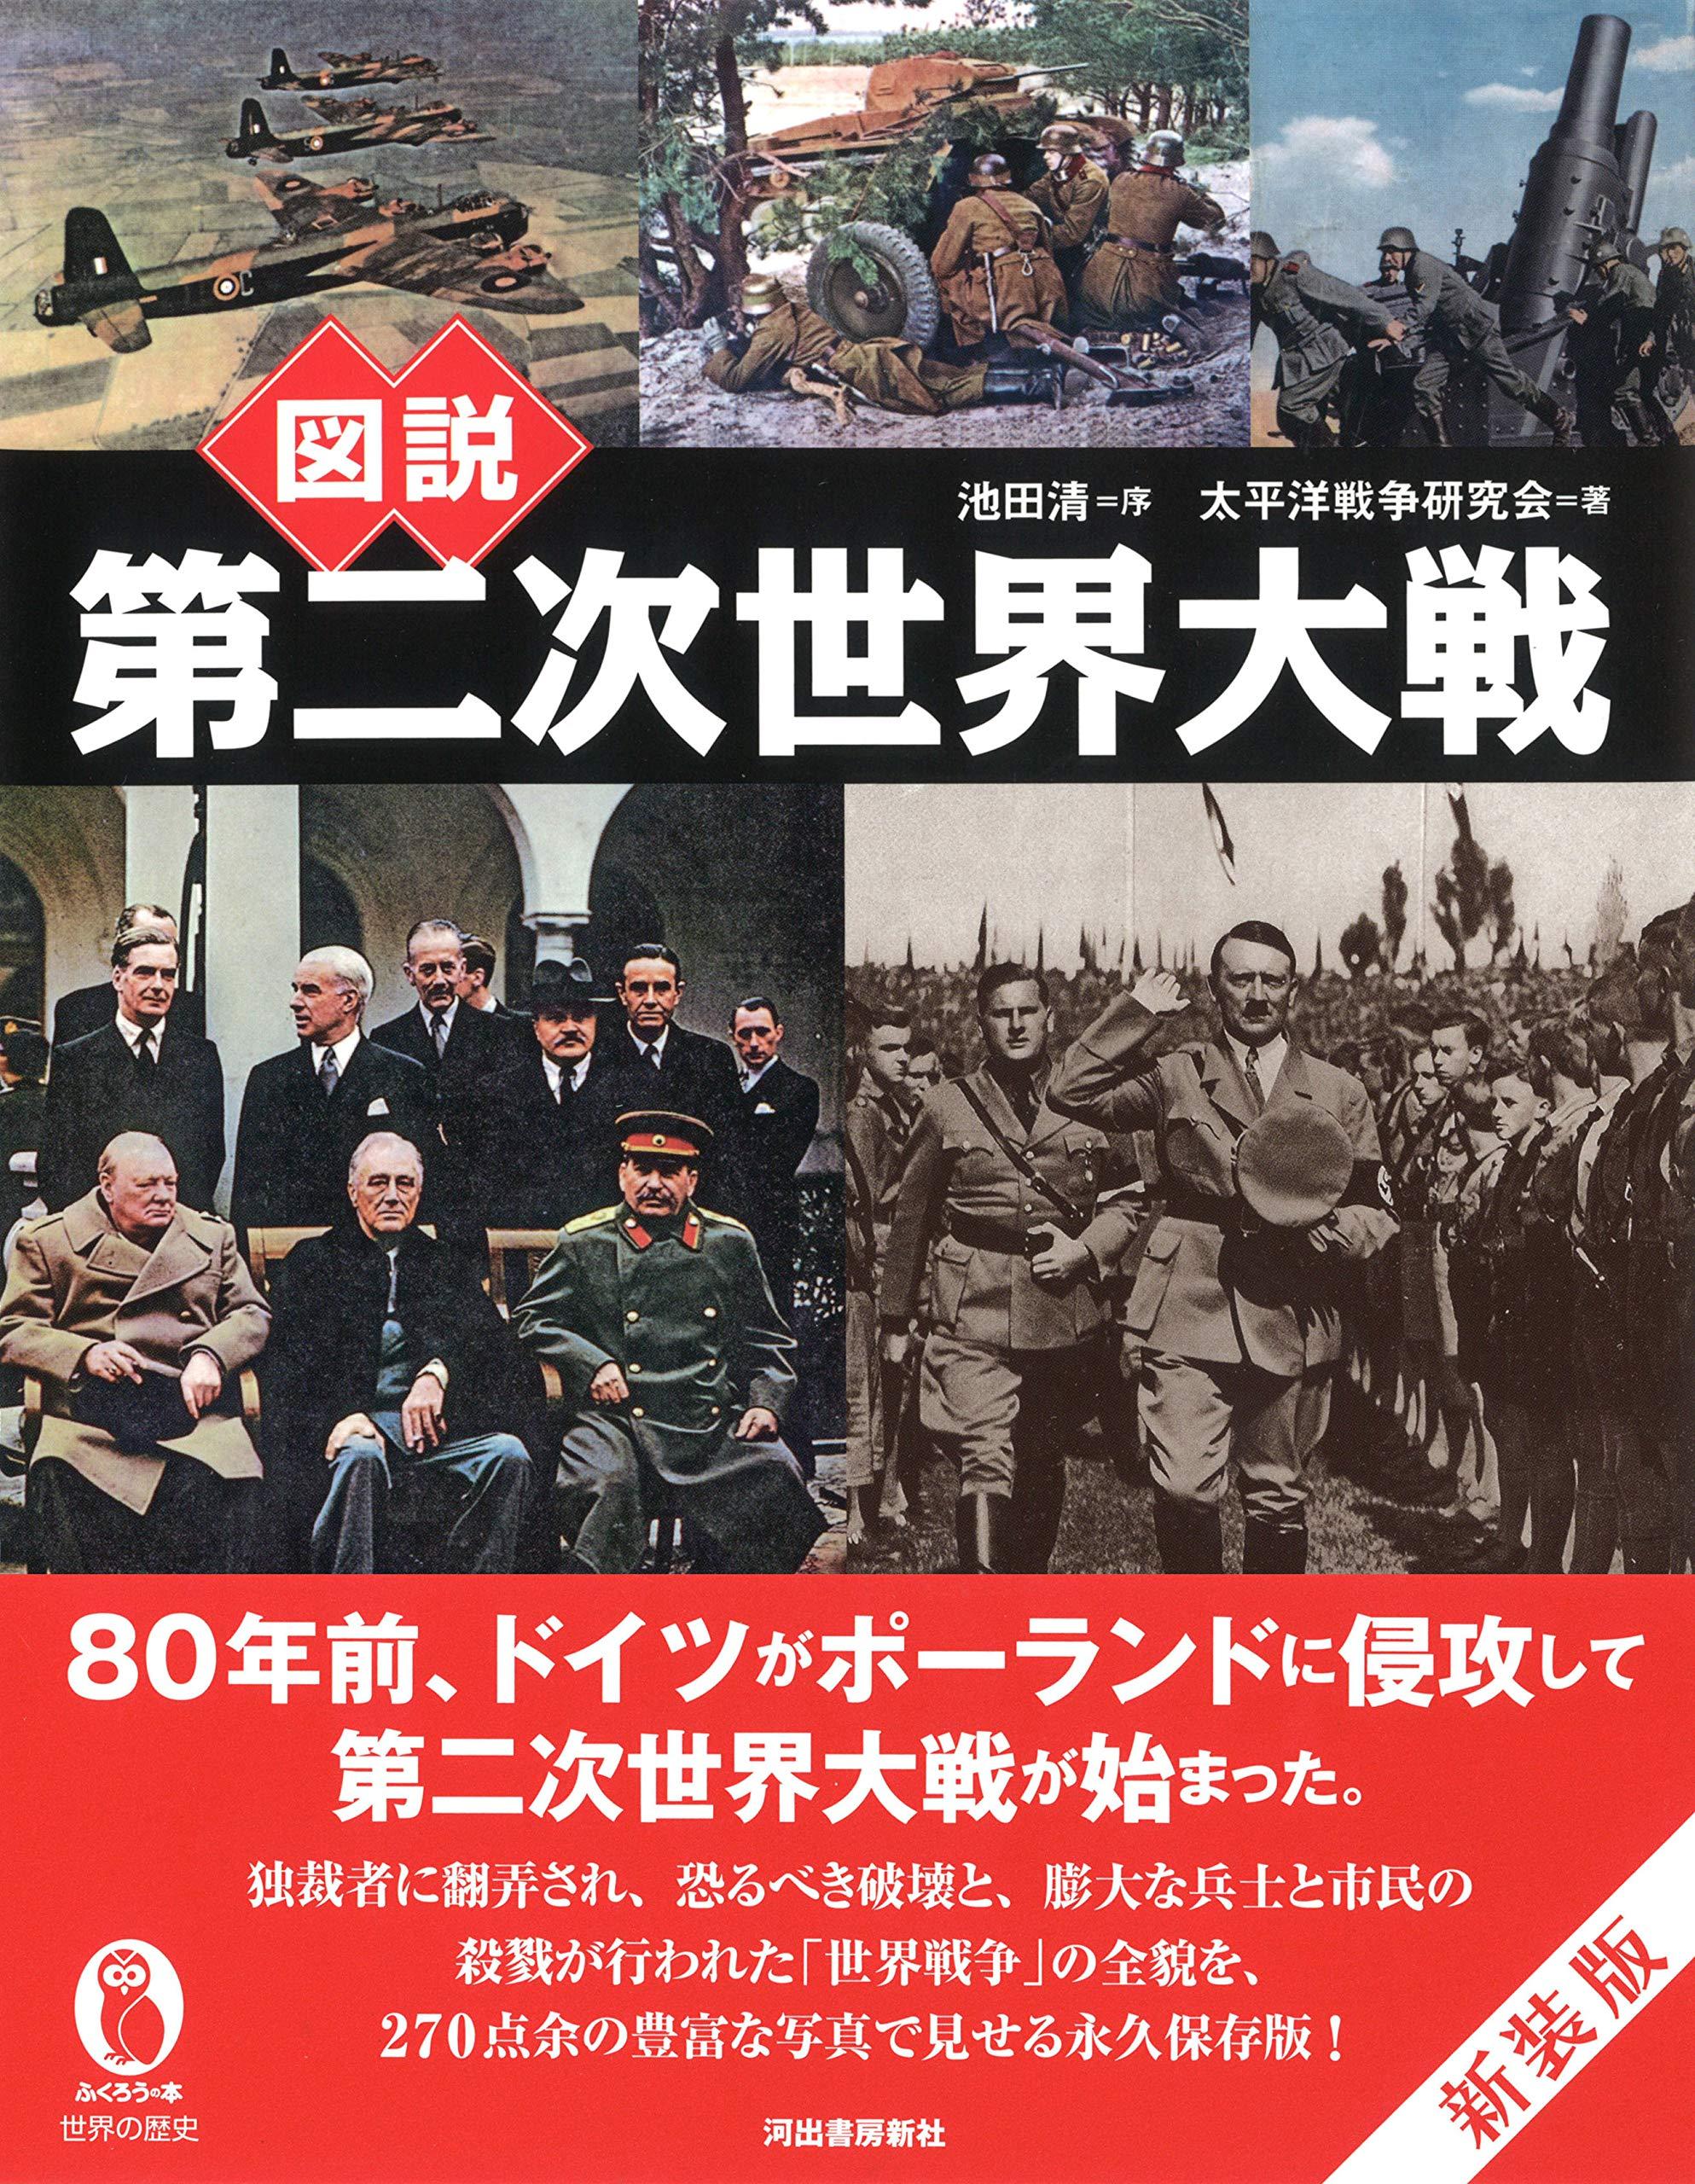 第 二 次 世界 大戦 死者 数